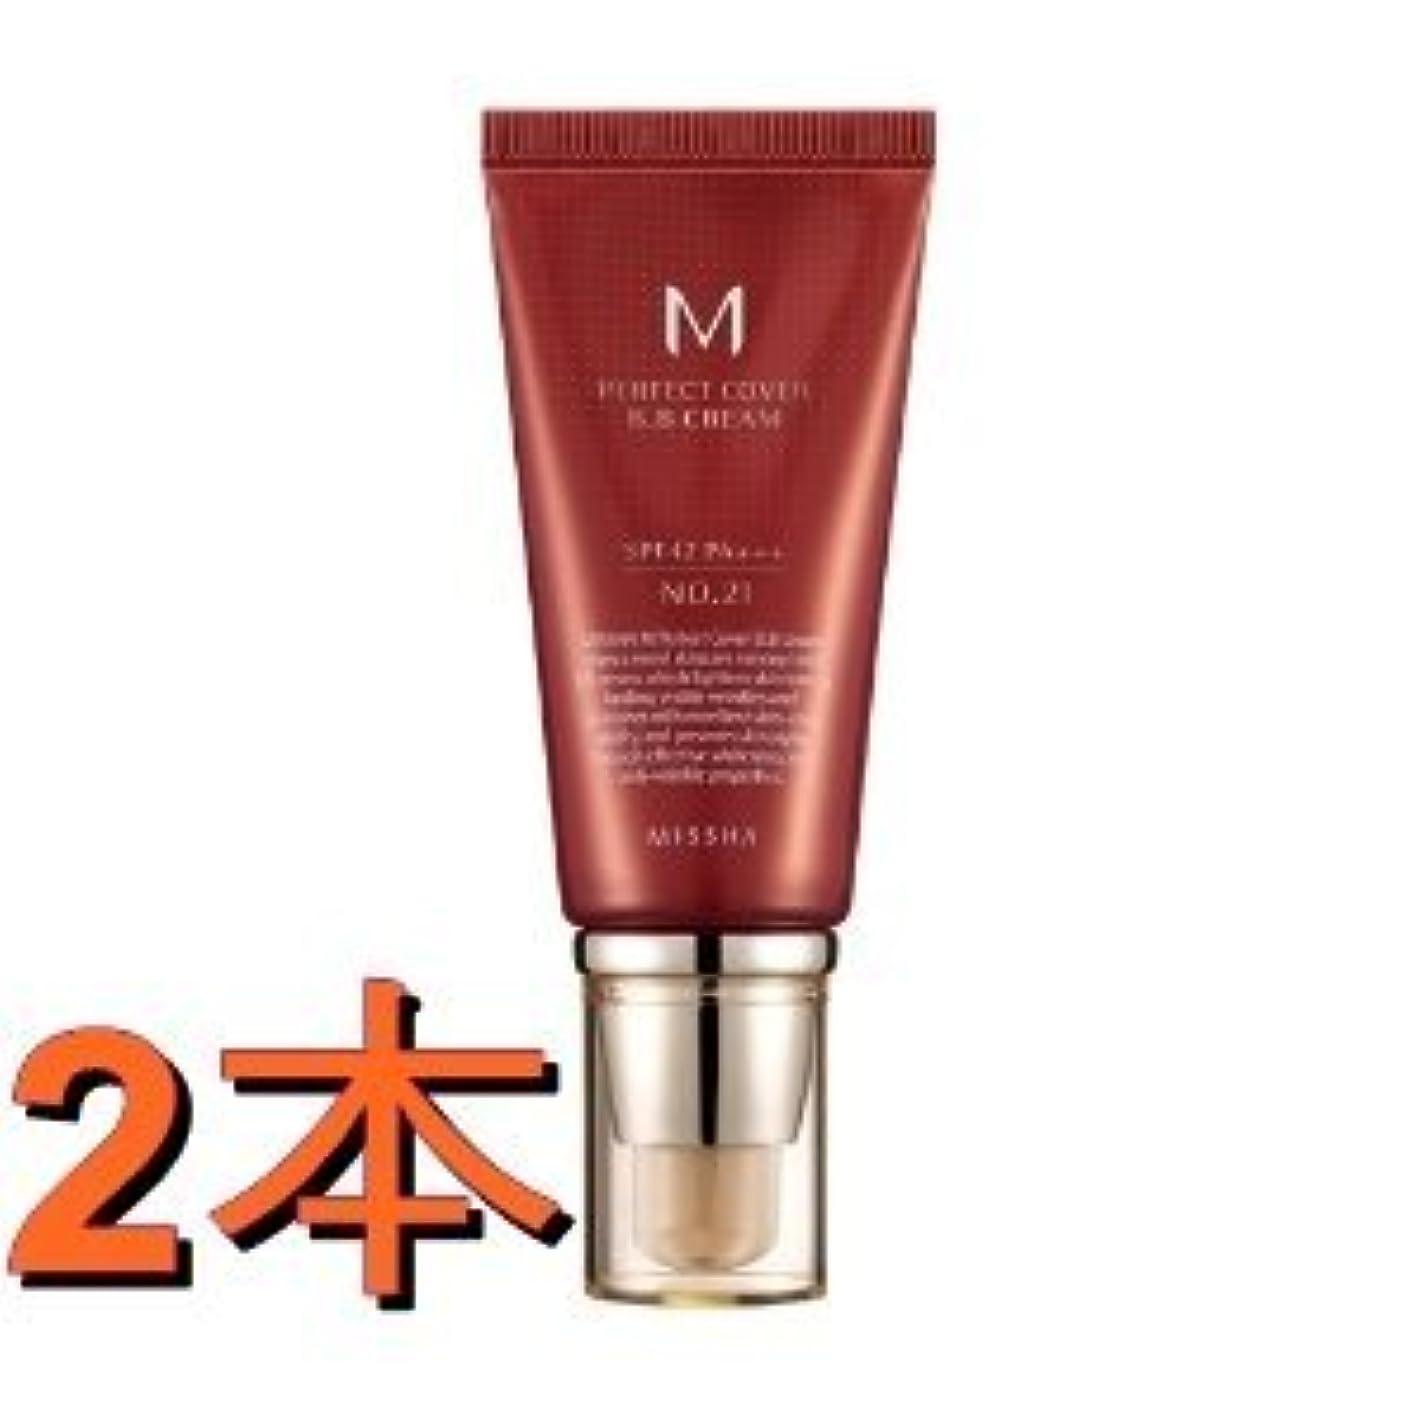 ゴージャスきゅうり摂氏度ミシャ(MISSHA) M パーフェクトカバー BB クリーム 2本セット NO.23 (ナチュラルでおちつきのある肌色) SPF42 PA++ 50ml[並行輸入品]